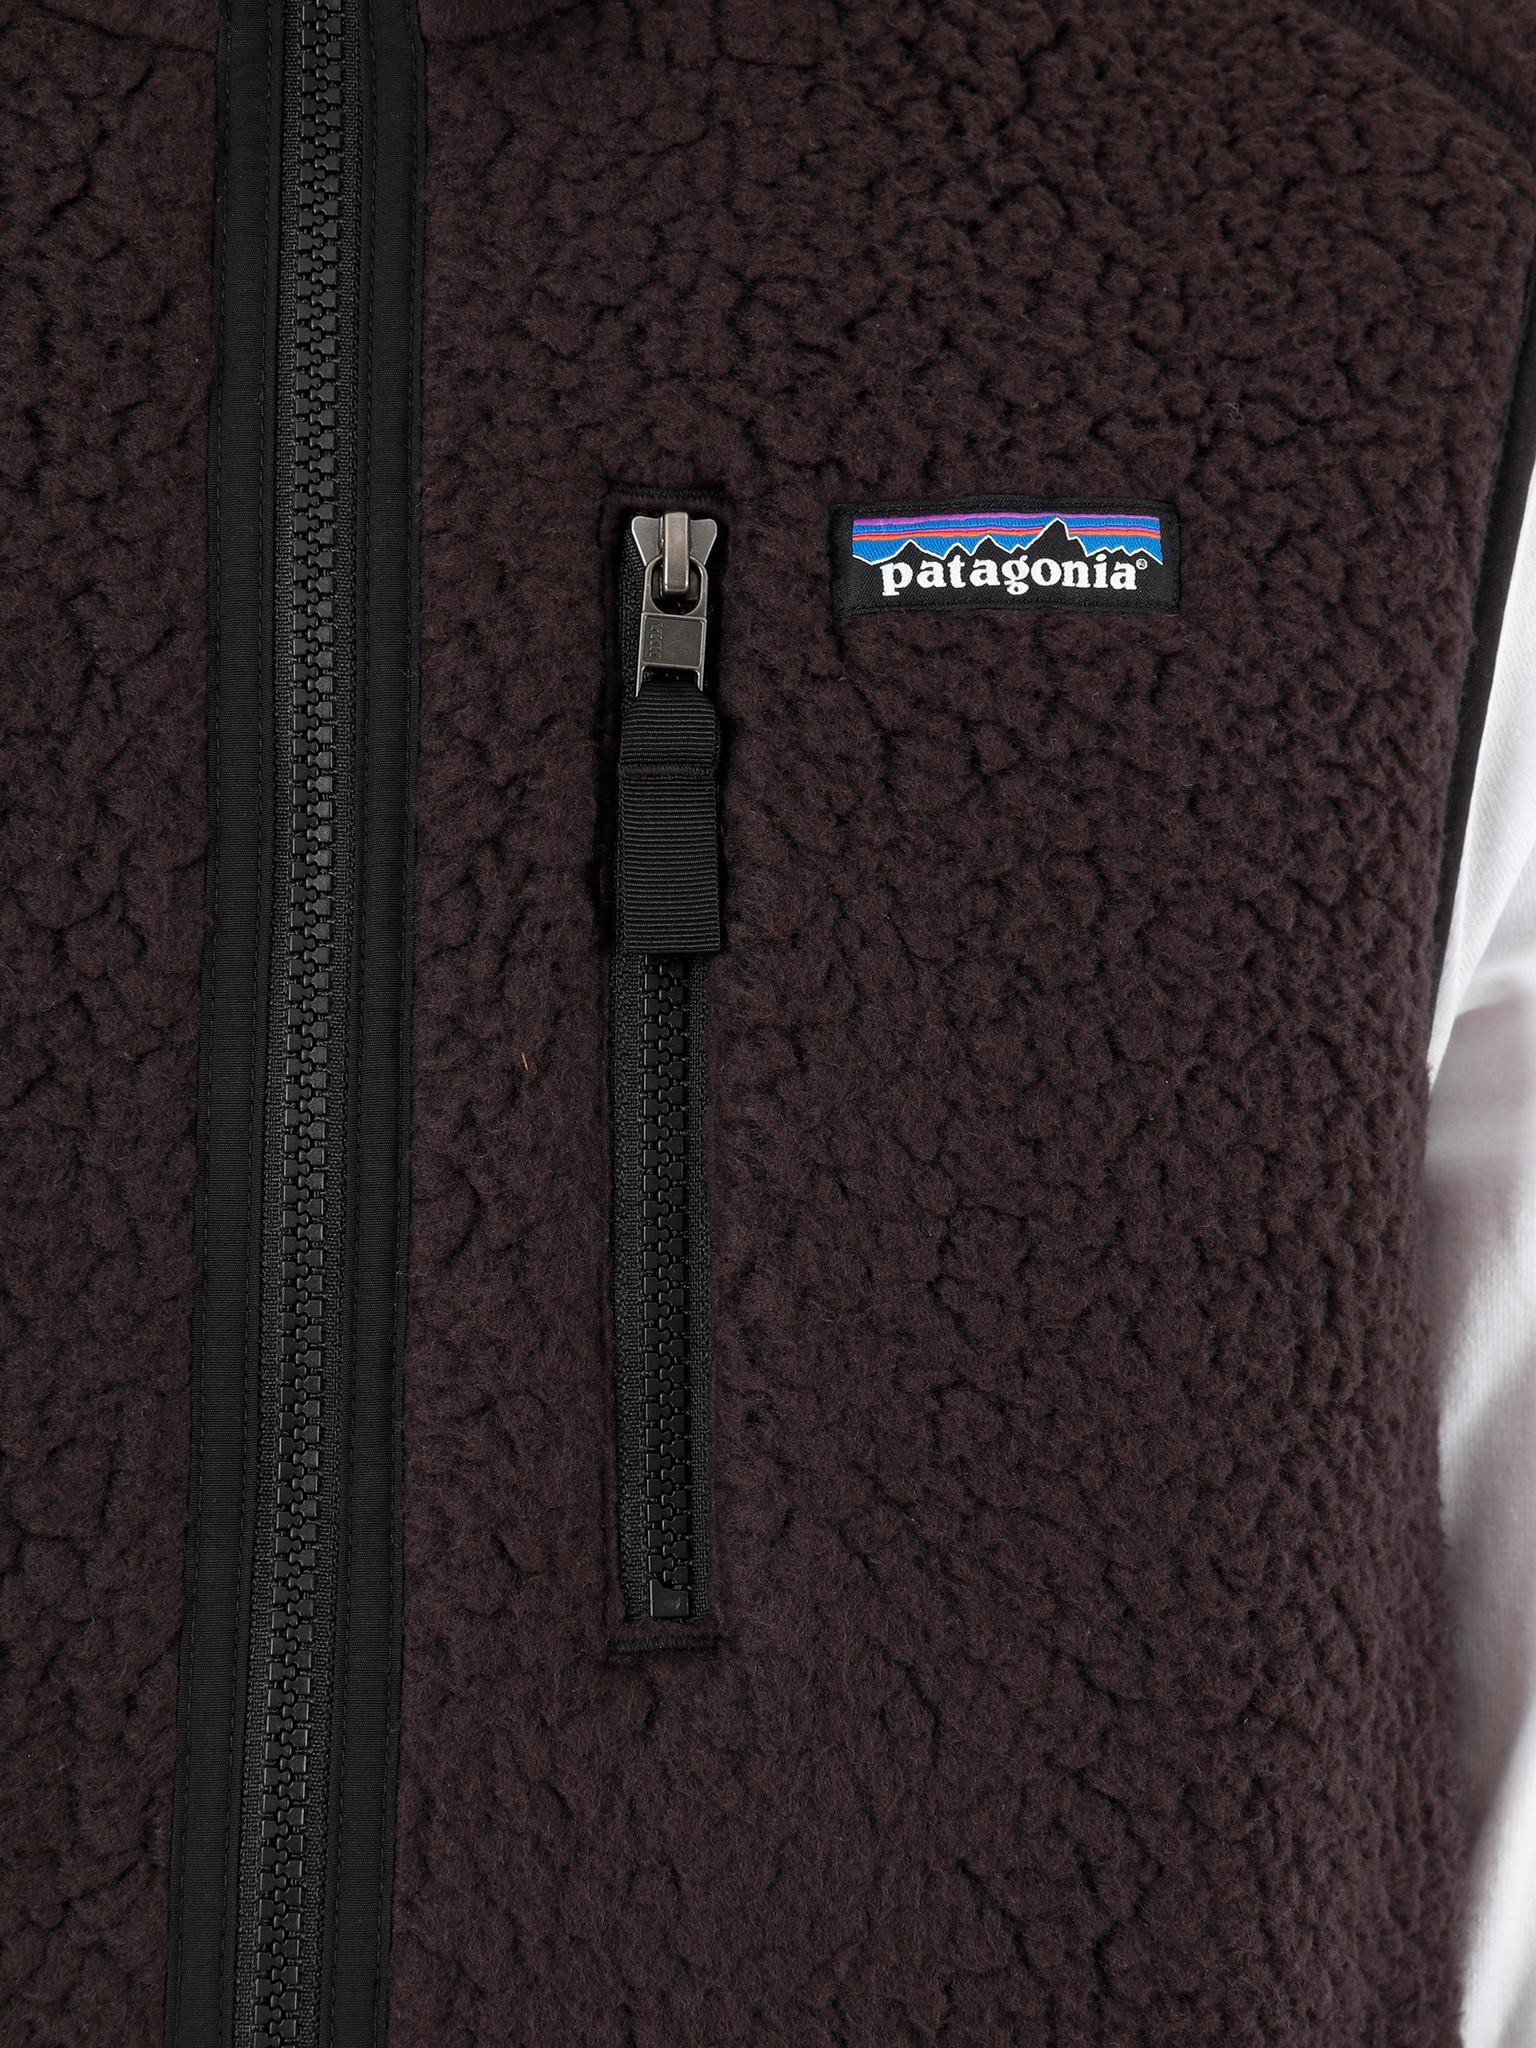 Patagonia Patagonia Retro Pile Vest Black 22821